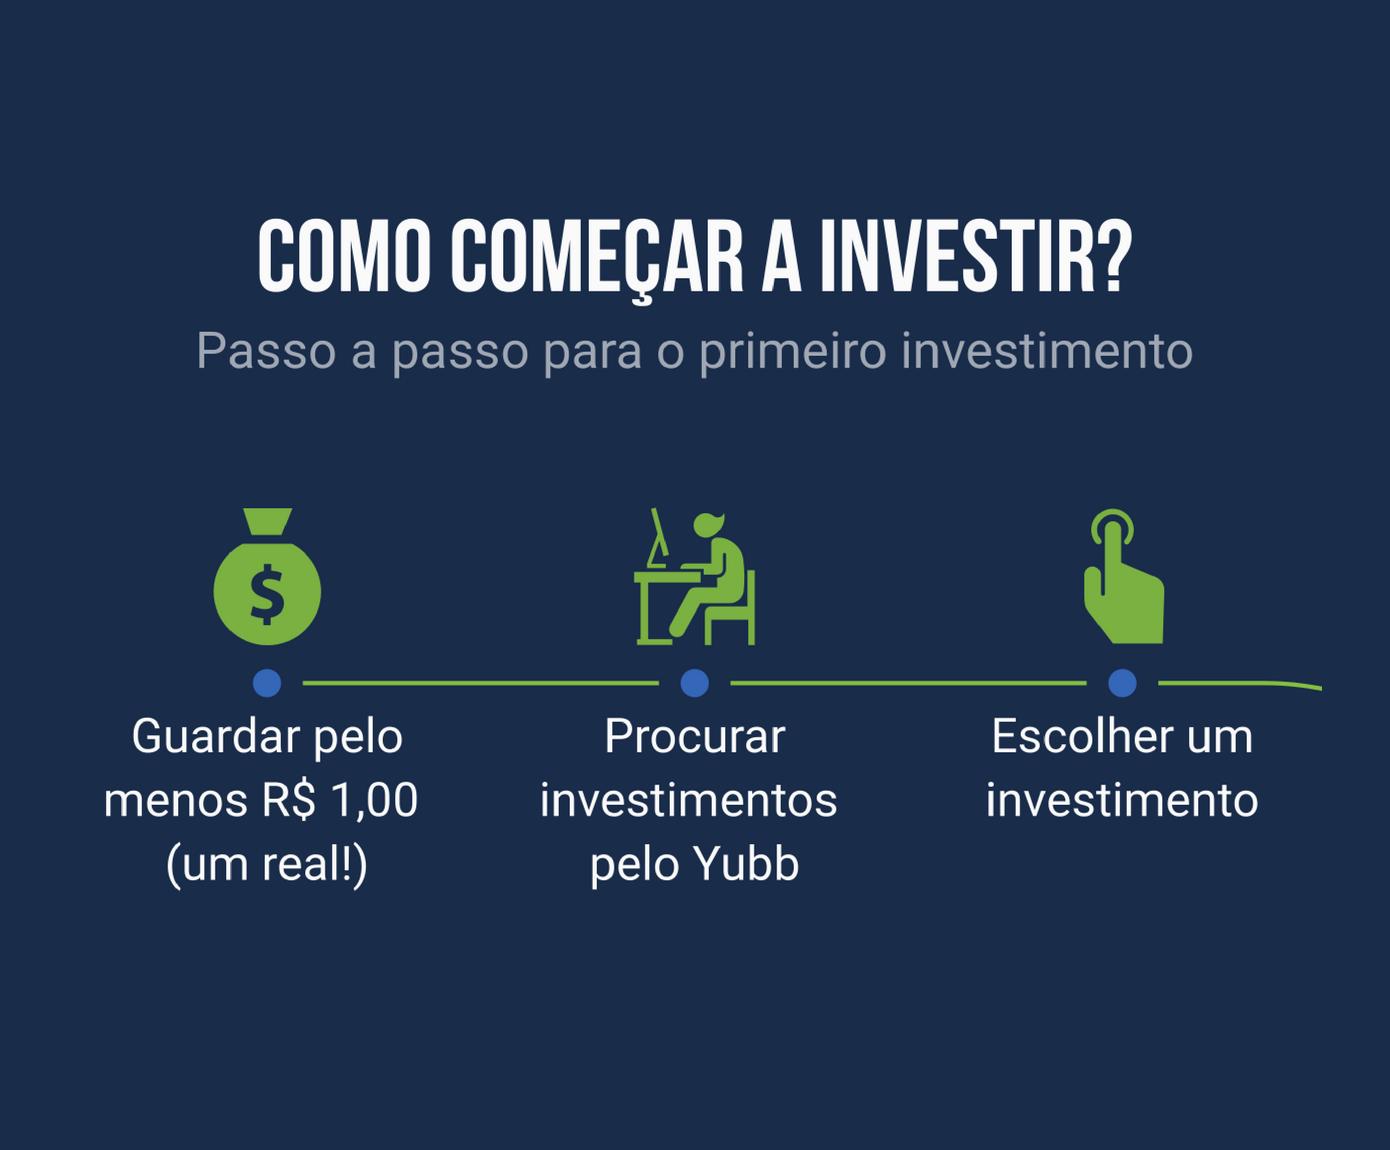 Guia para começar a investir e ganhar mais com seu dinheiro